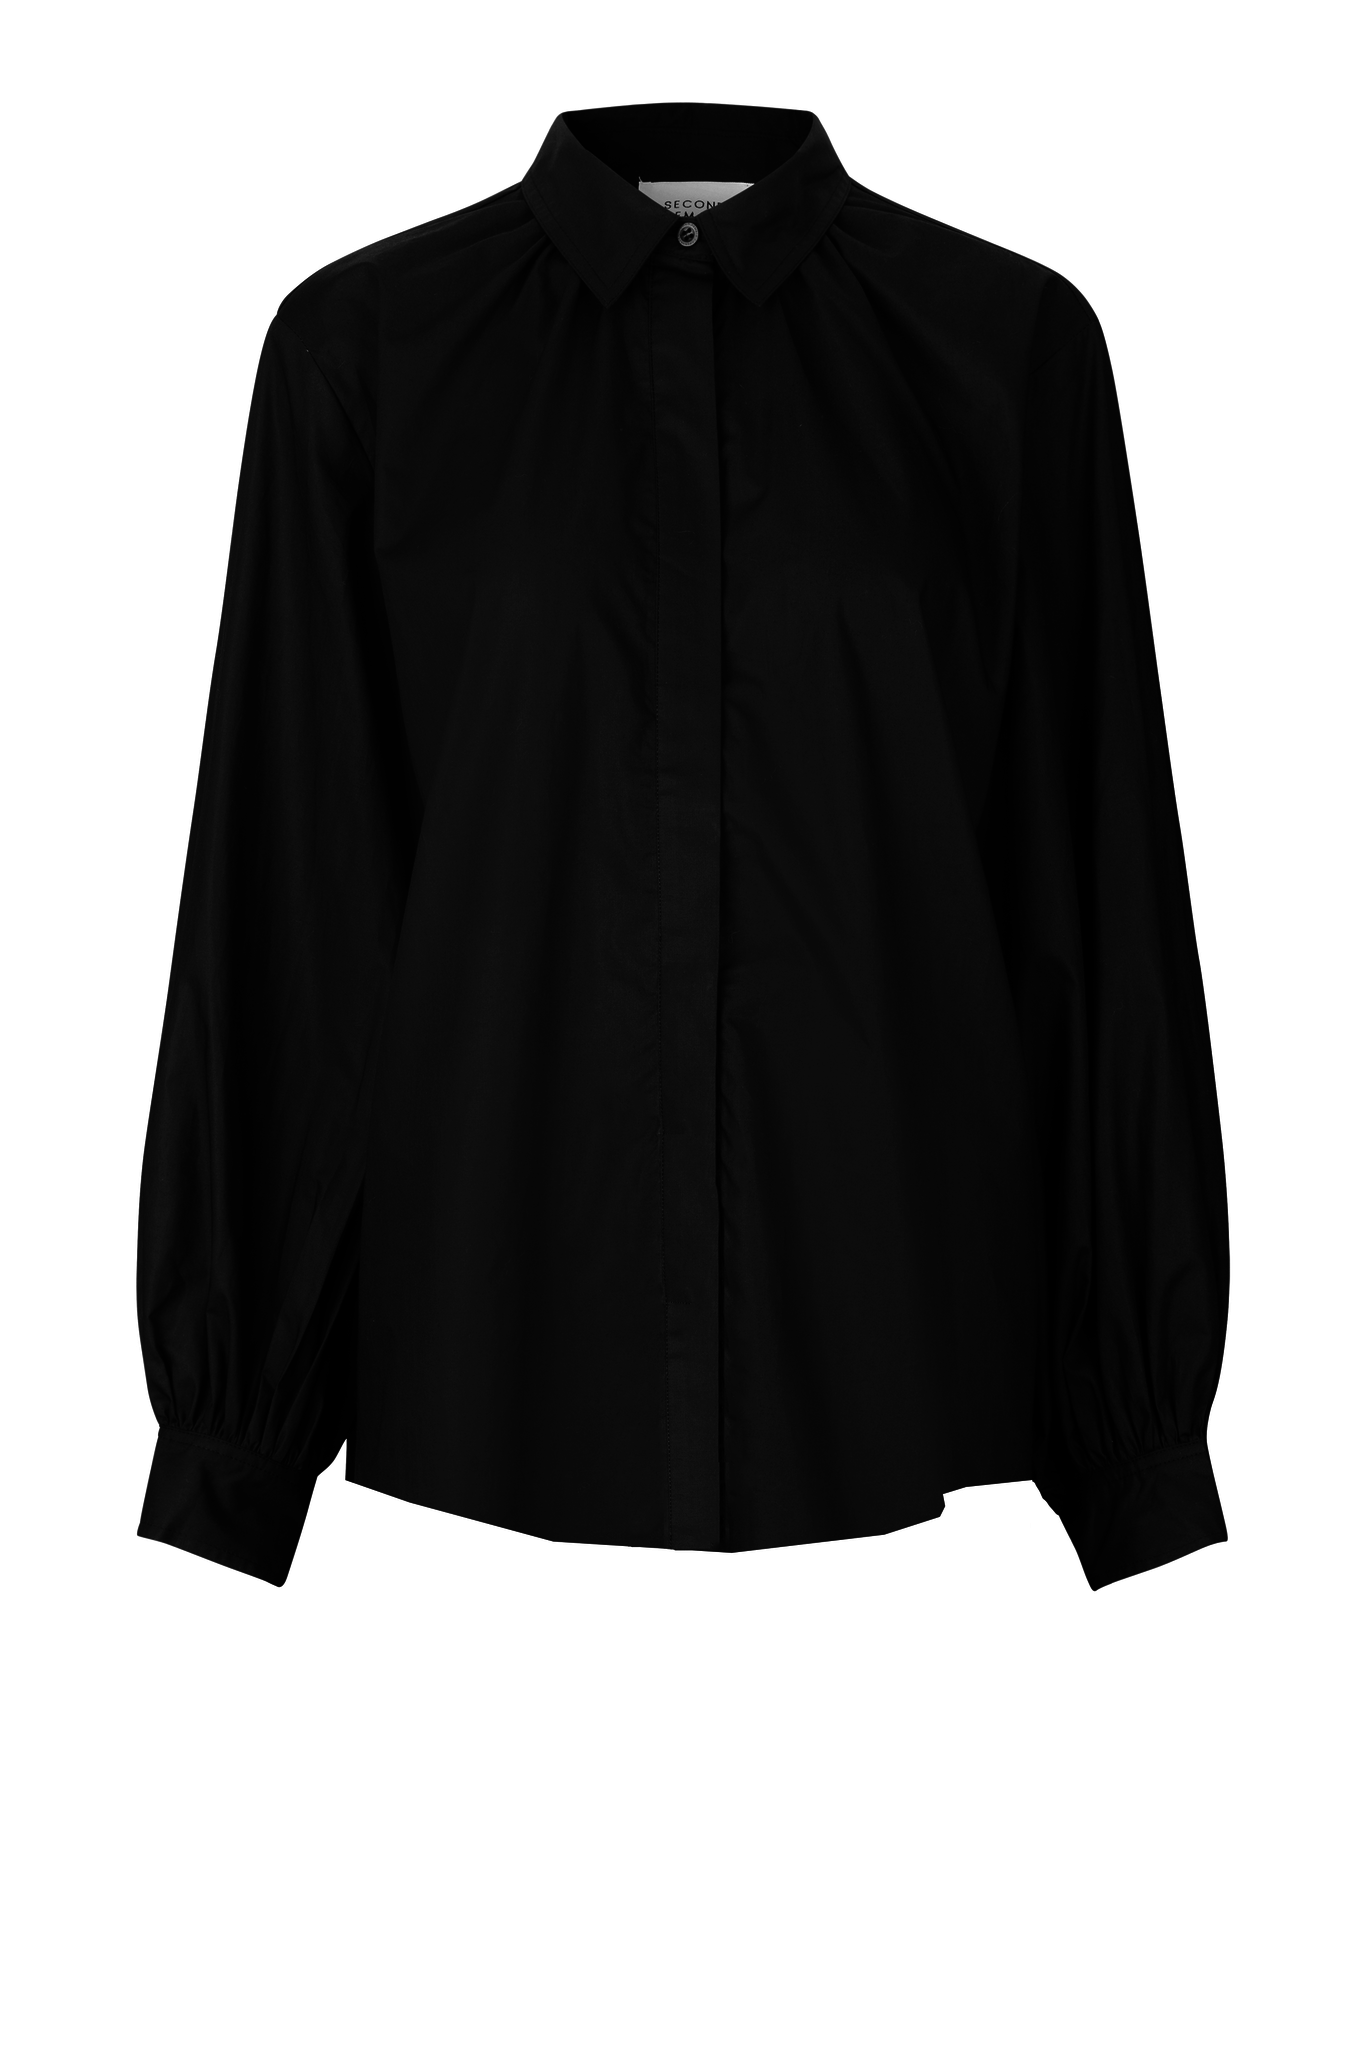 Totema New shirt black-1